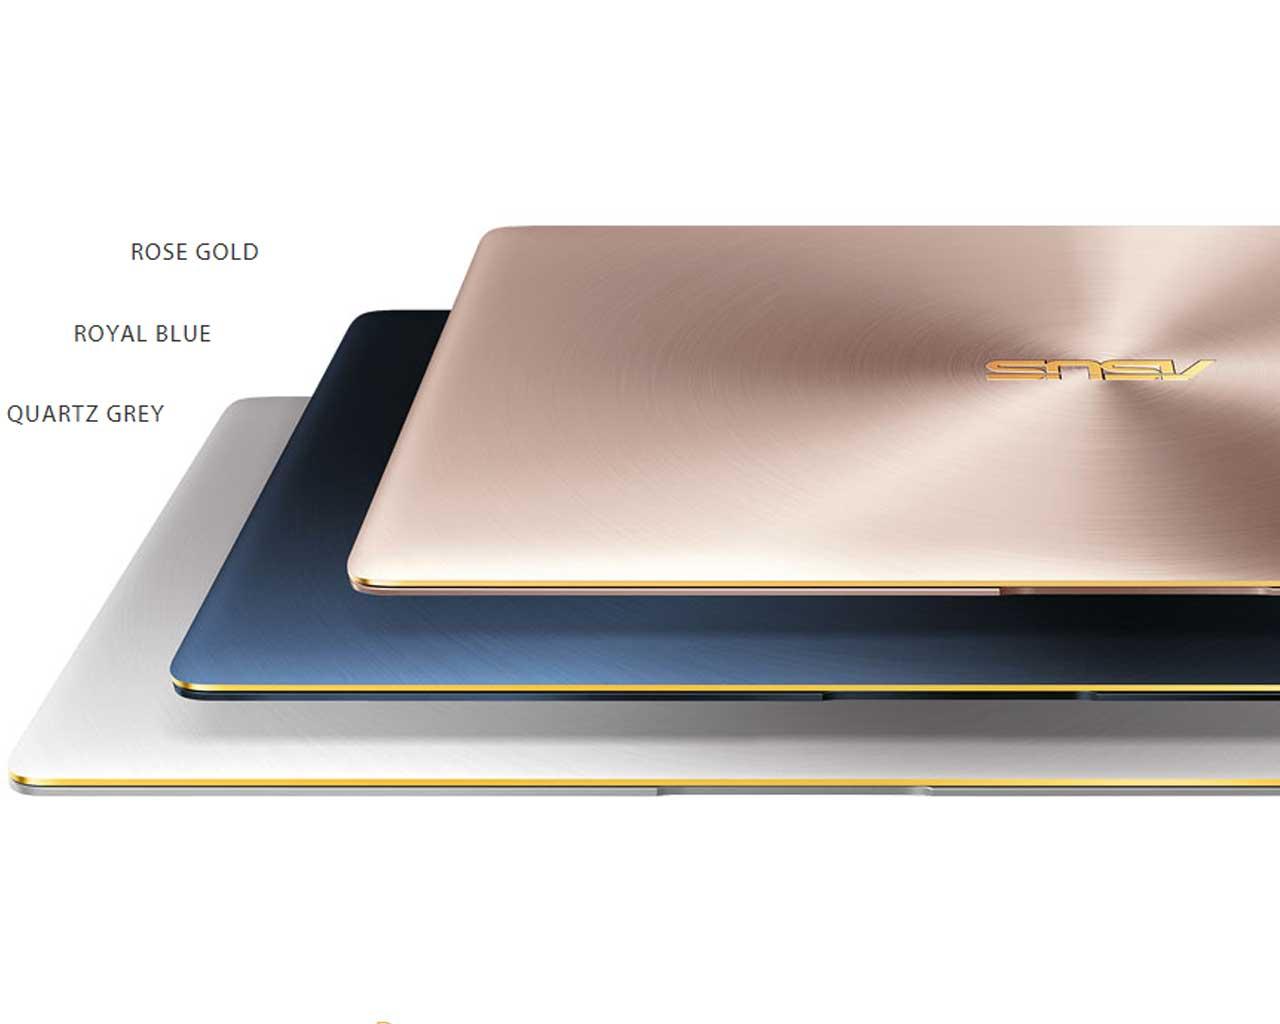 Asus-UX390UA-7th-Gen-Core-I